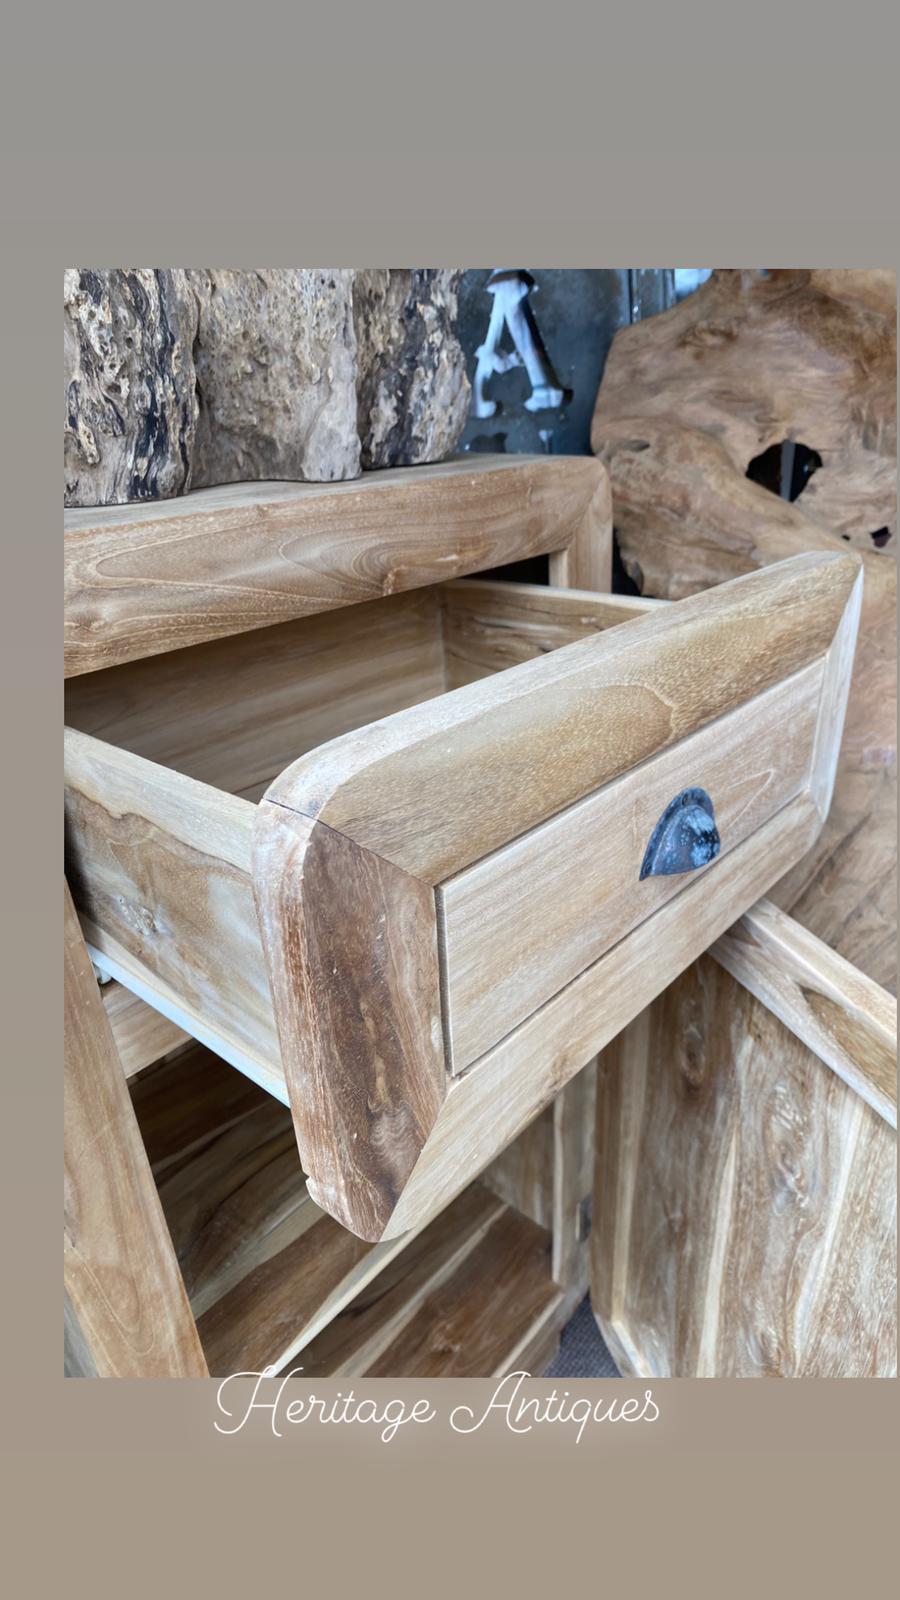 Fridge style cupboard